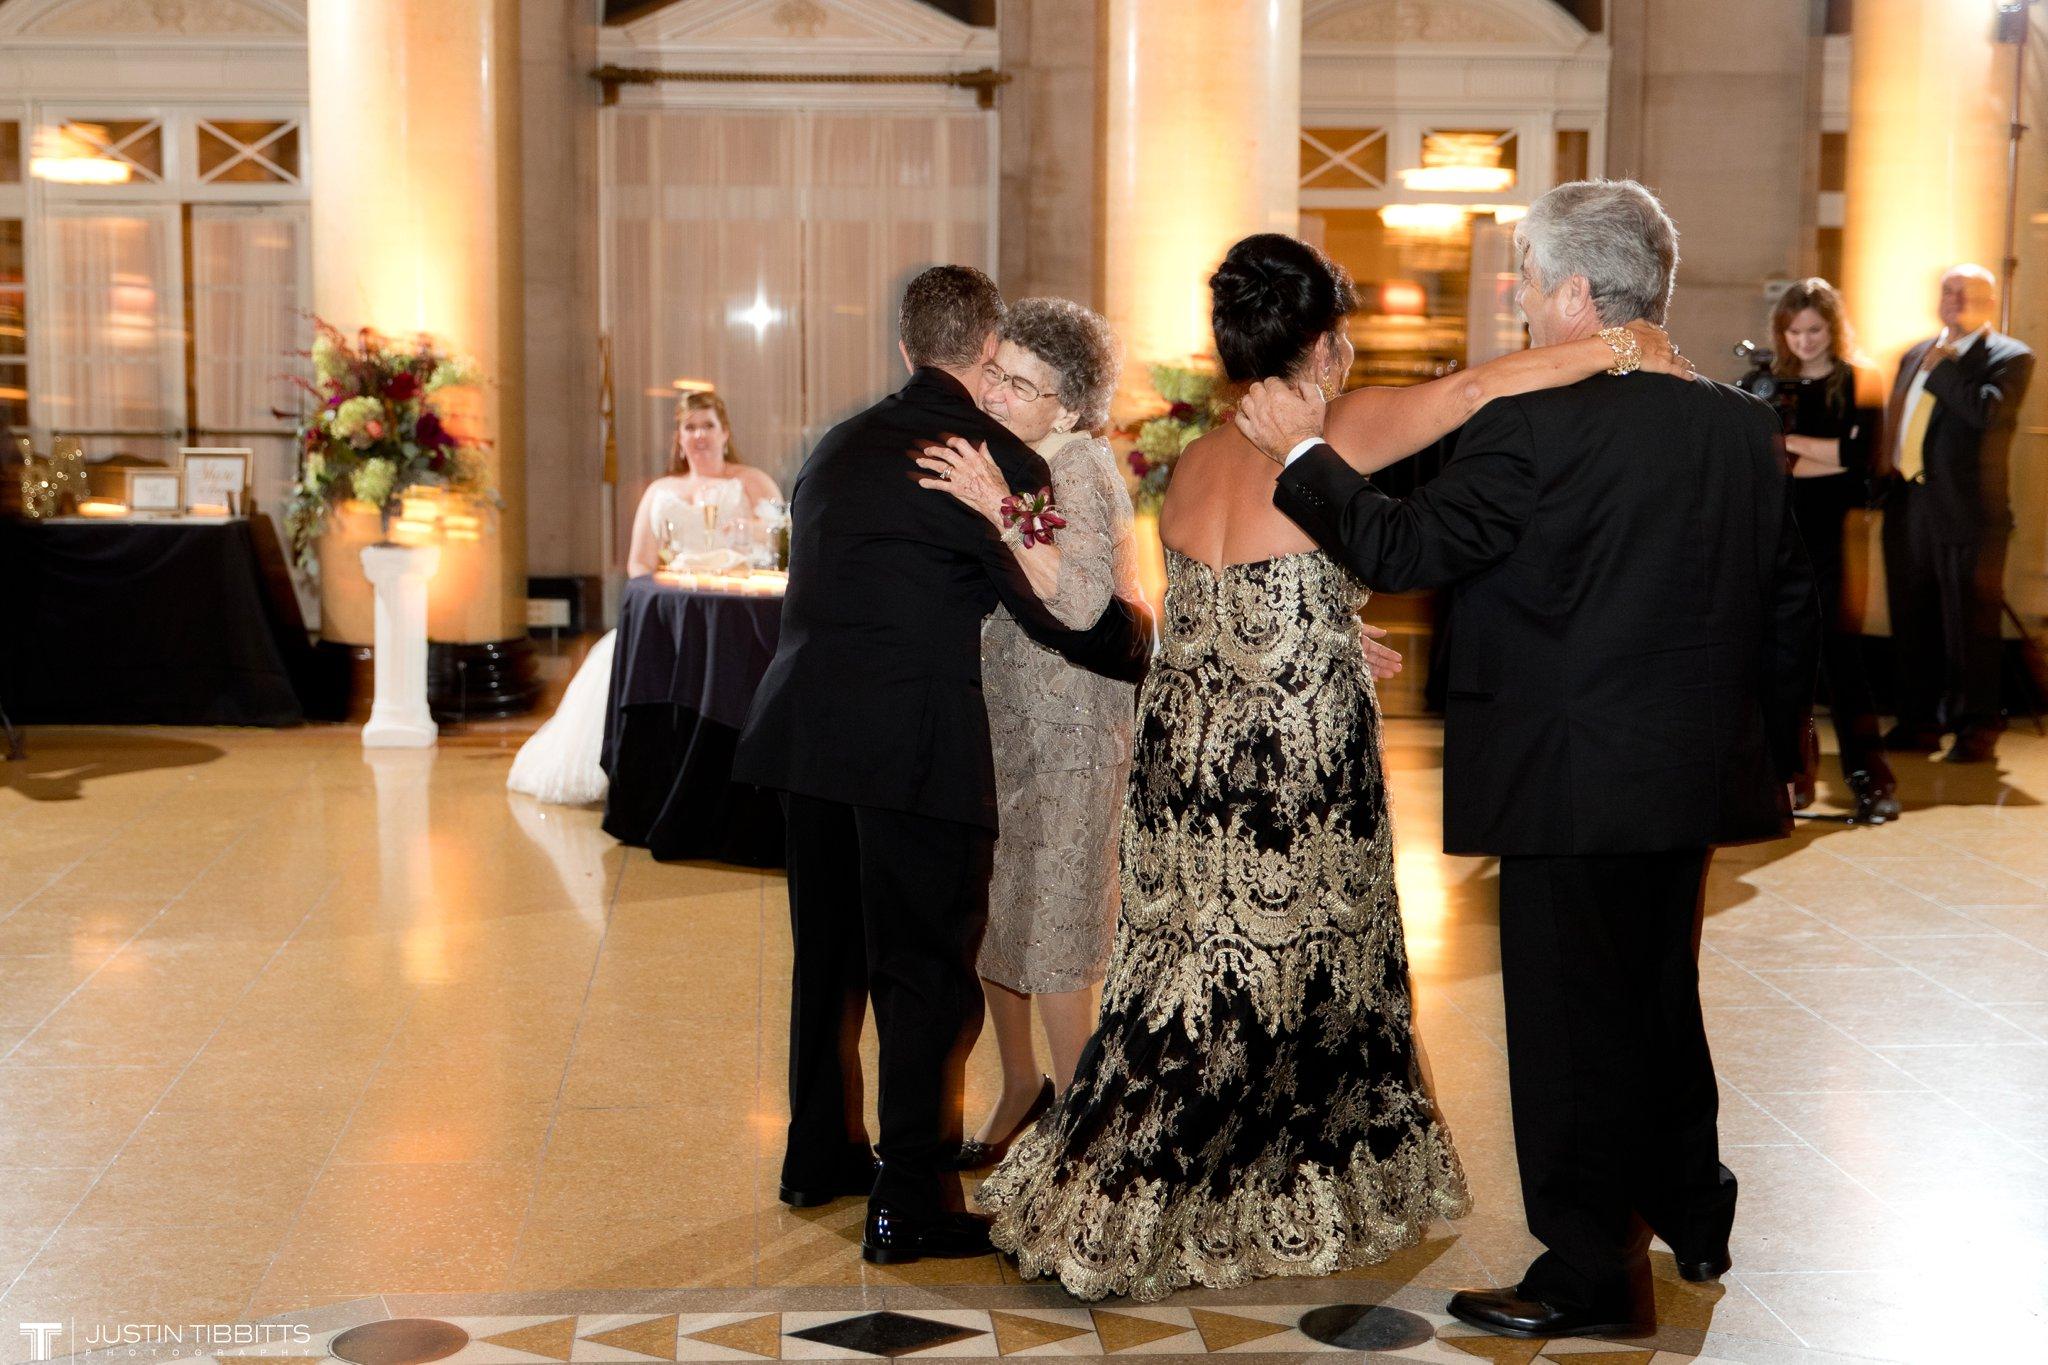 Hall of Springs Wedding Photos with Amanda and Jon-Michael_0102